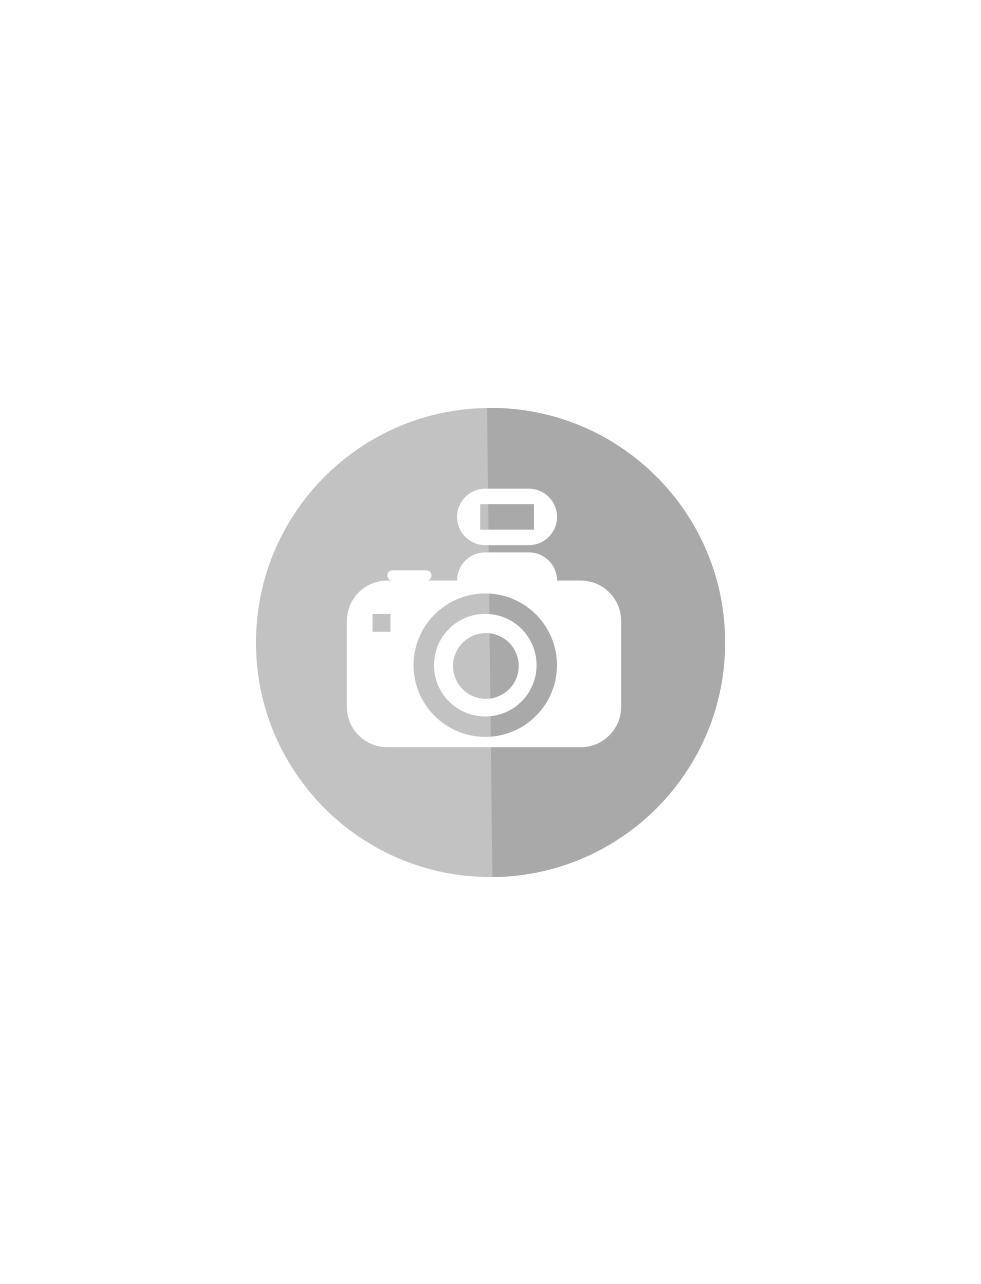 30603560_sparepart/Benzinfass/Deckel II